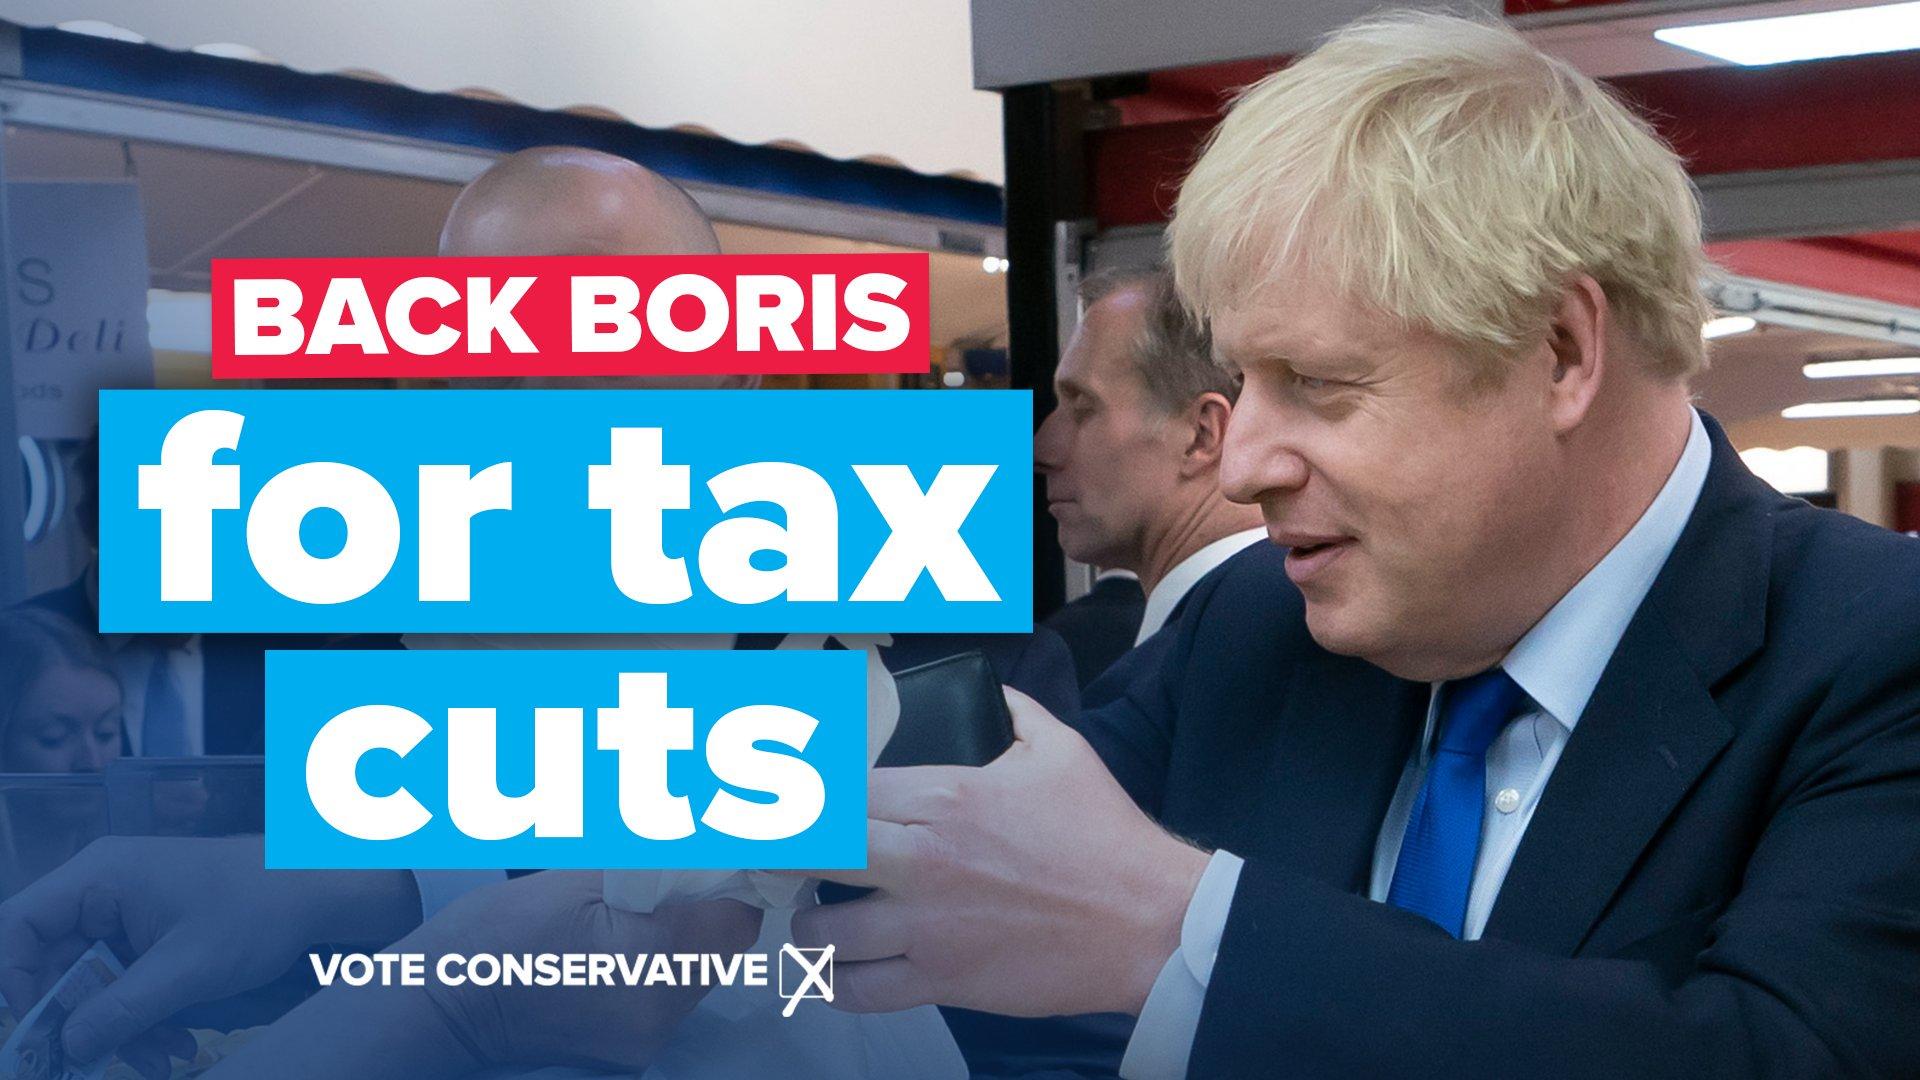 Back Boris for Tax Cuts